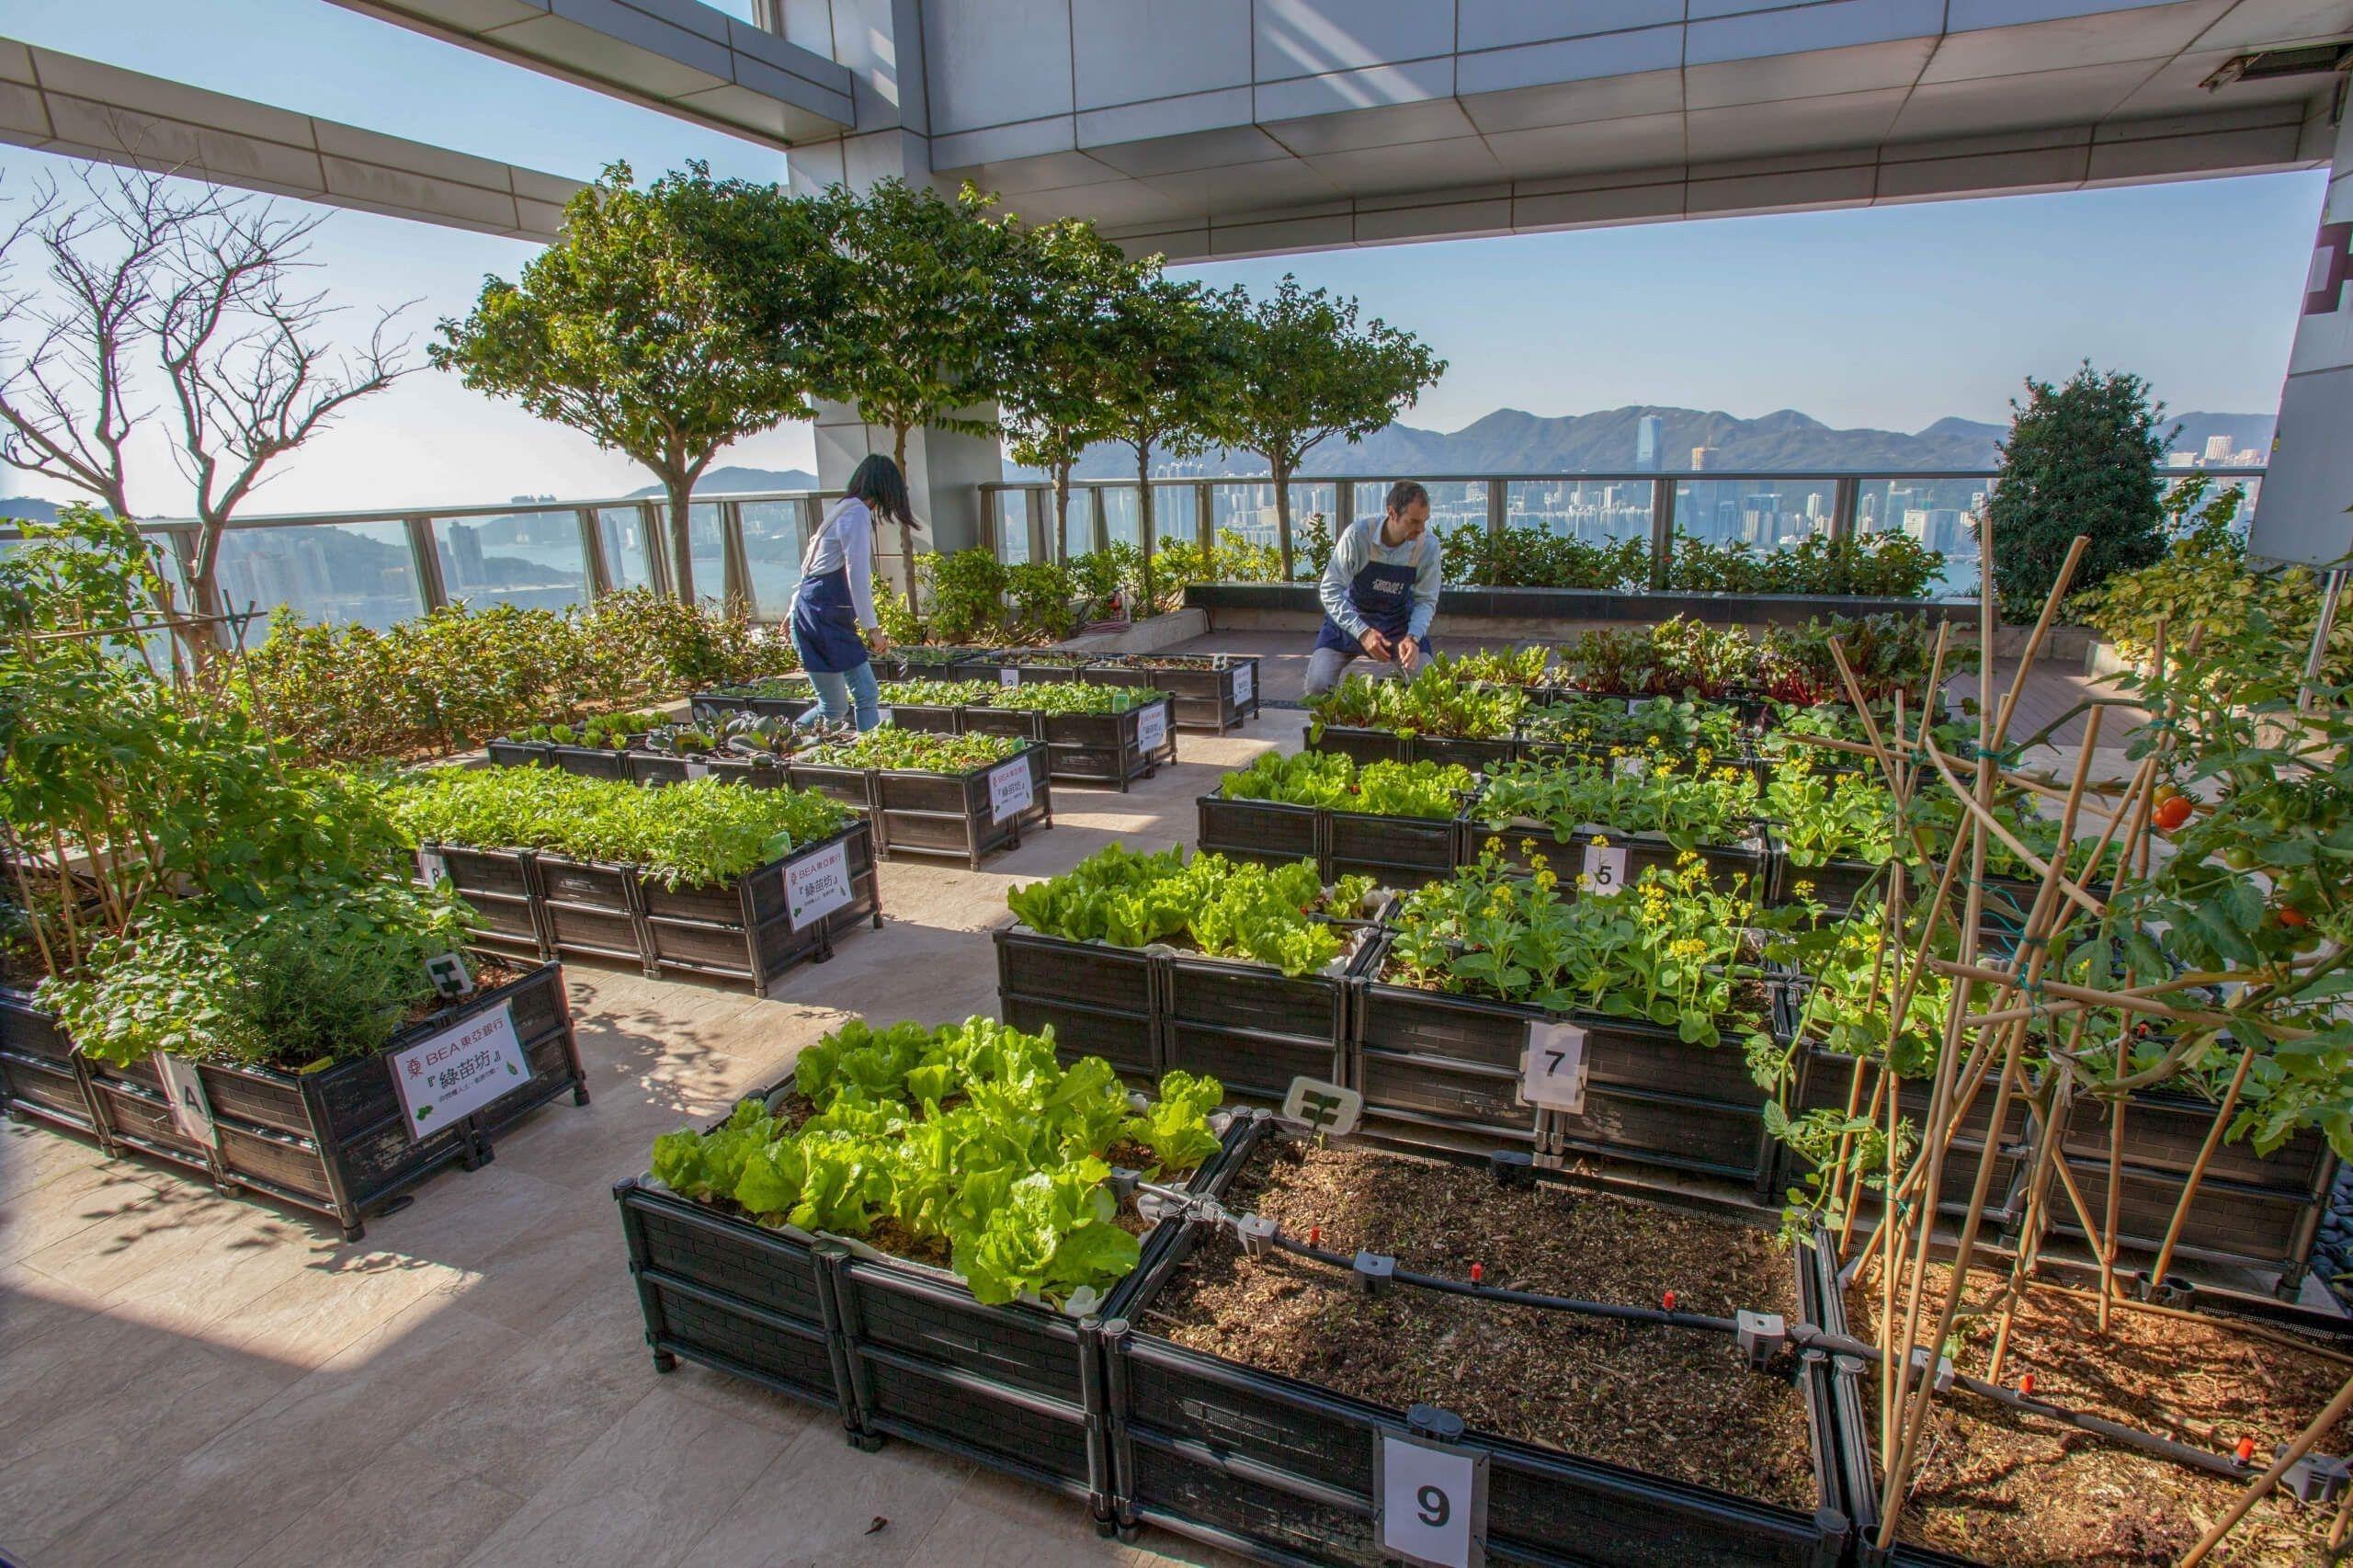 Elegant Rooftop Vegetable Garden Ideas | Rooftop garden ...